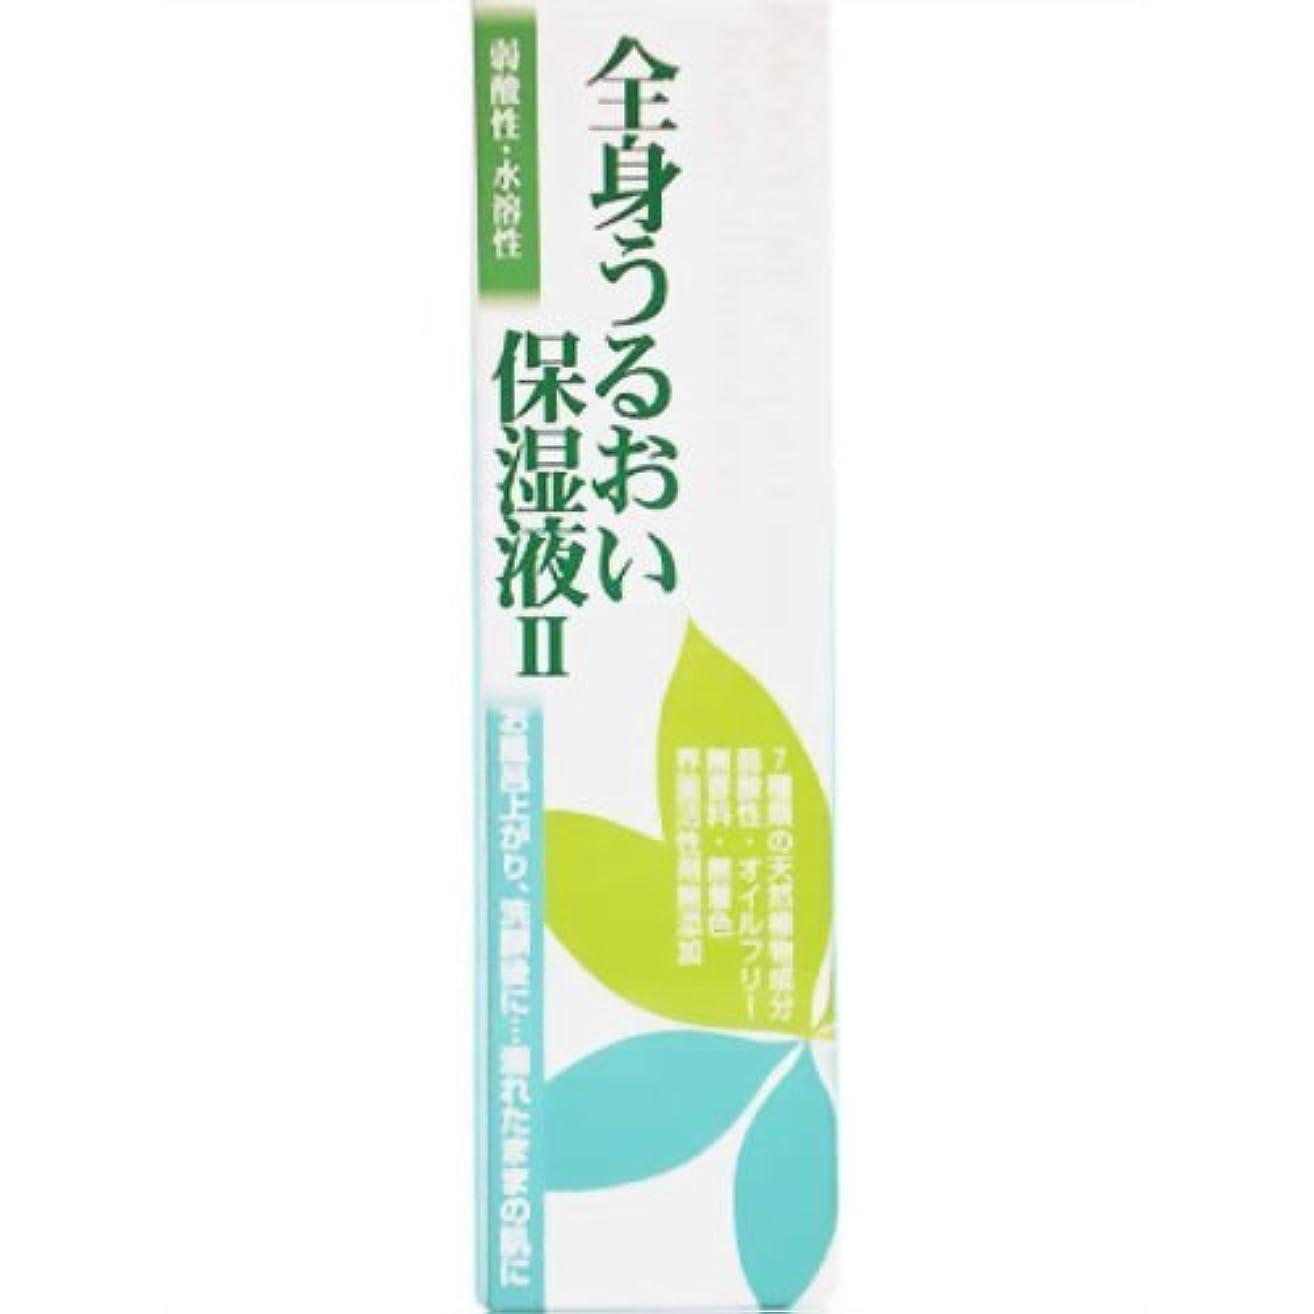 年次シャイ比率全身うるおい保湿液(まろやか薬用スキントリートメント) 250ml